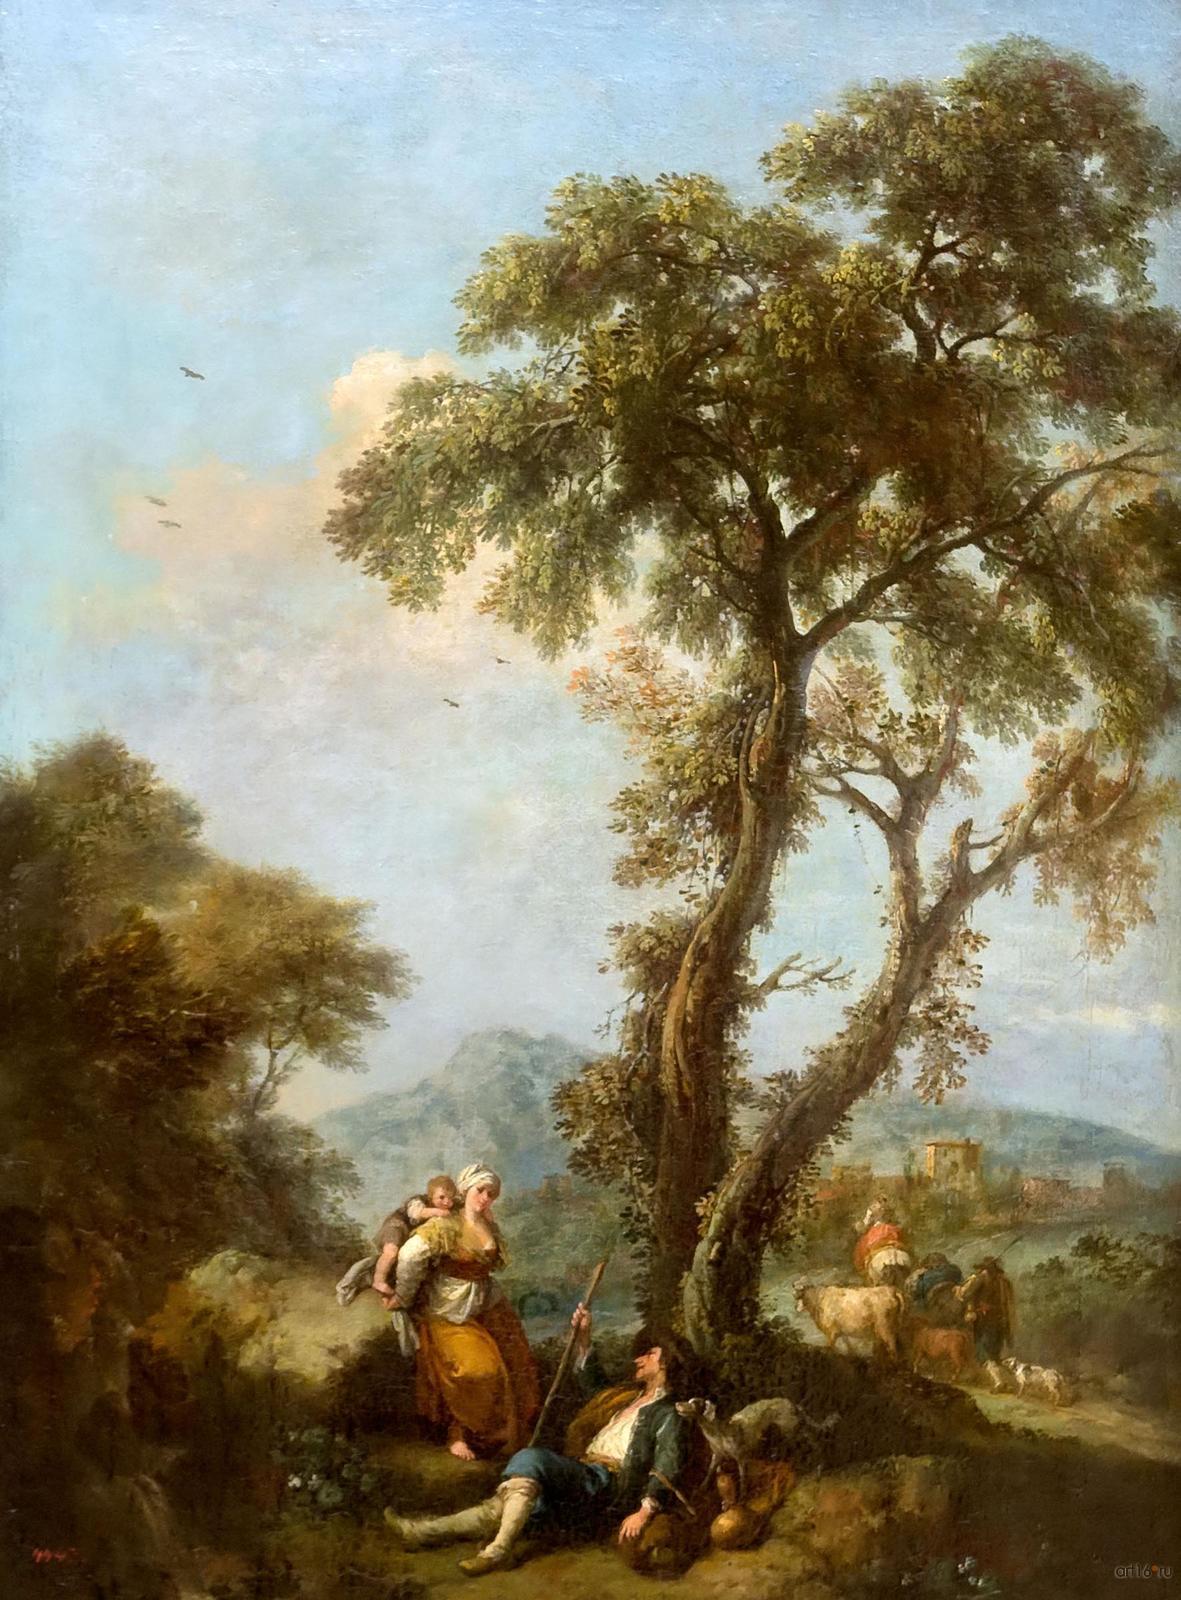 Фото №848323. ФРАНЧЕСКО ДЗУККАРЕЛЛИ Пнтюьяно, 1702 - Флоренция. 1788 Пейзаж с женщиной, несущей ребенка Холст, масло